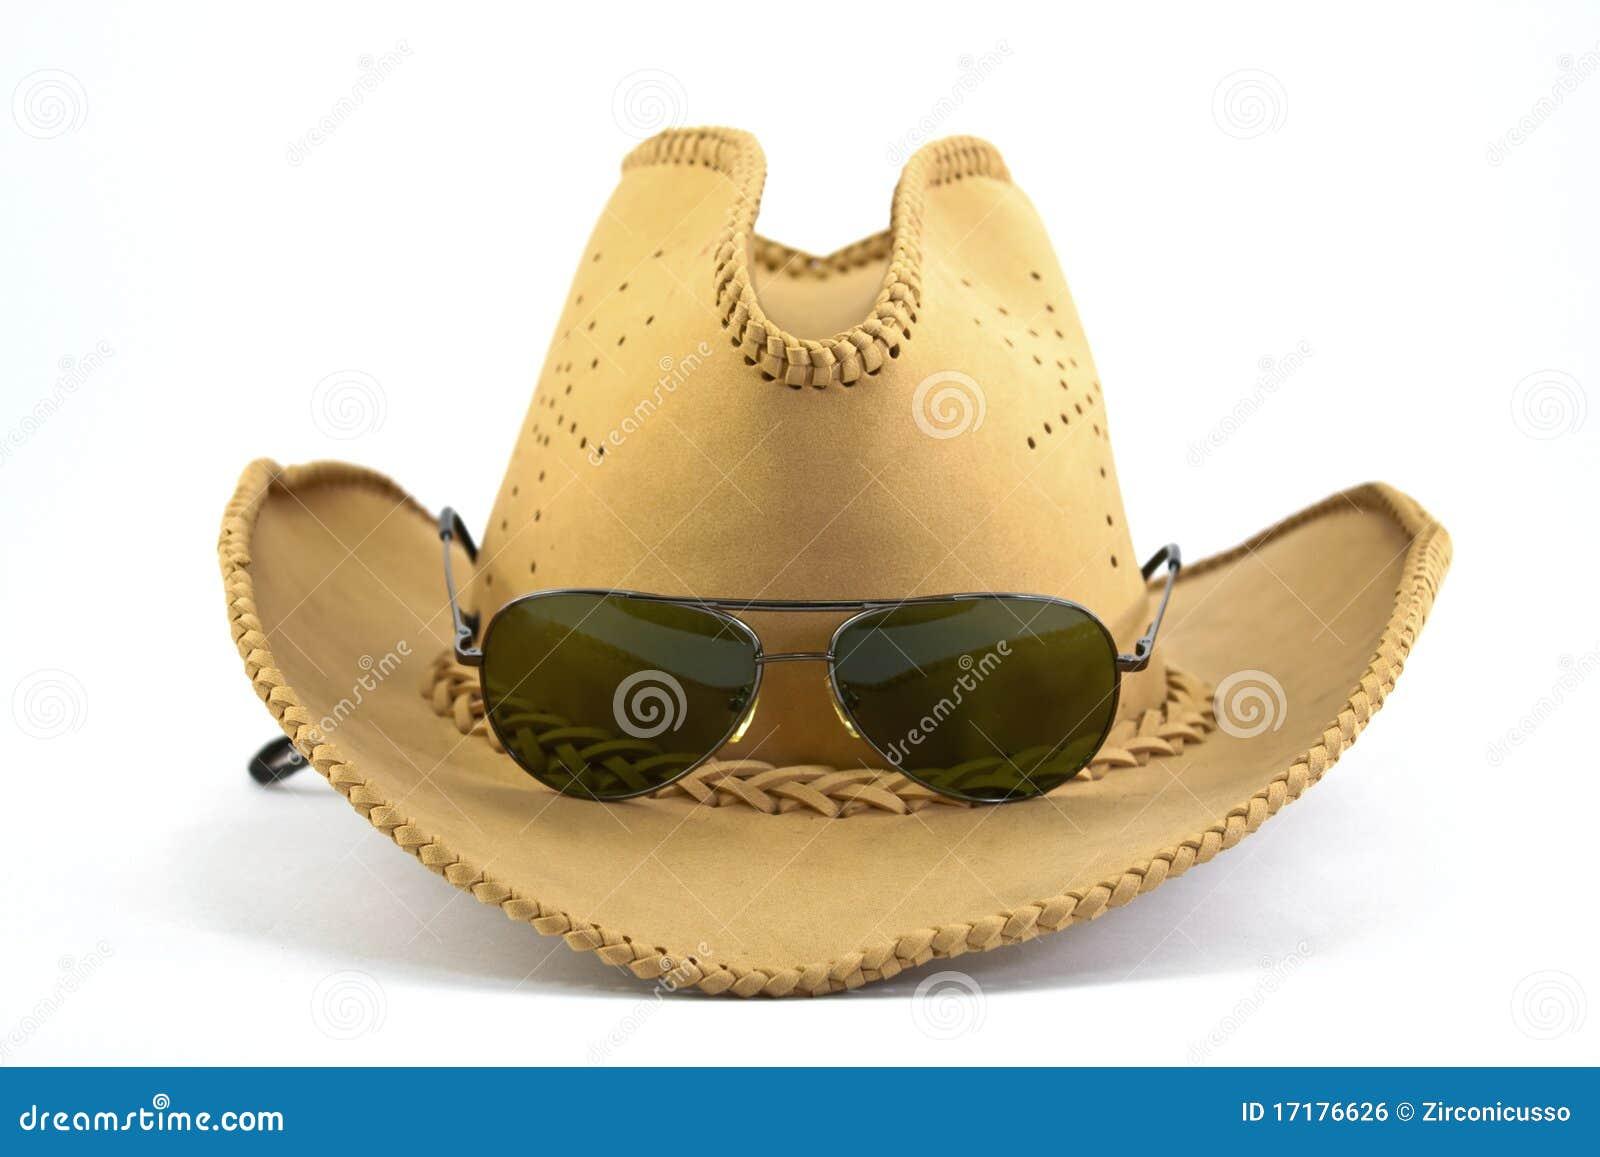 Tacchino  Cappelli  Stivali  Abbigliamento Western